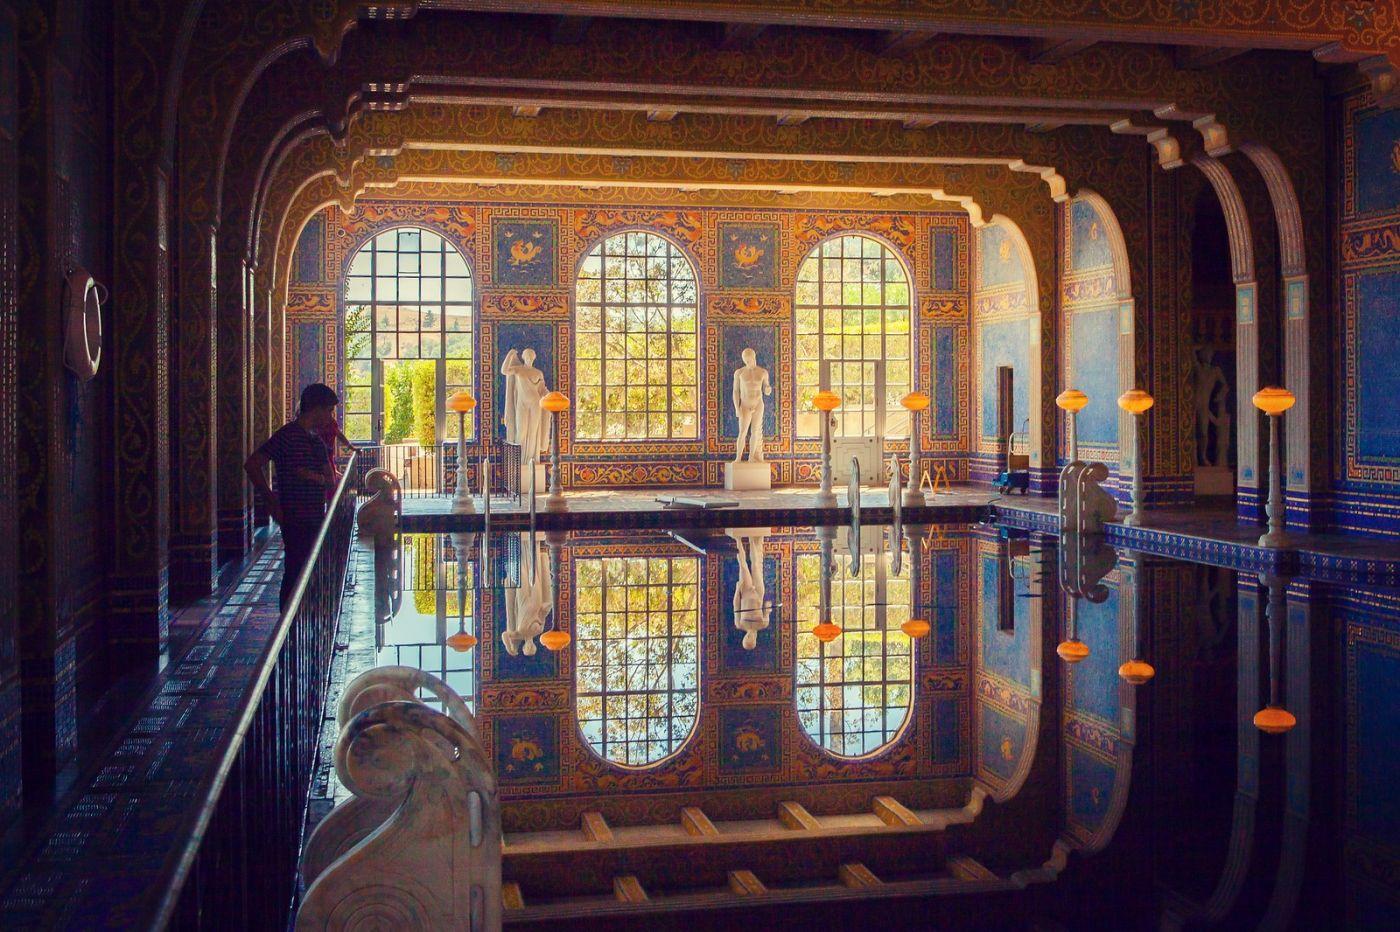 加州赫斯特城堡,主人的游泳池很开眼_图1-5